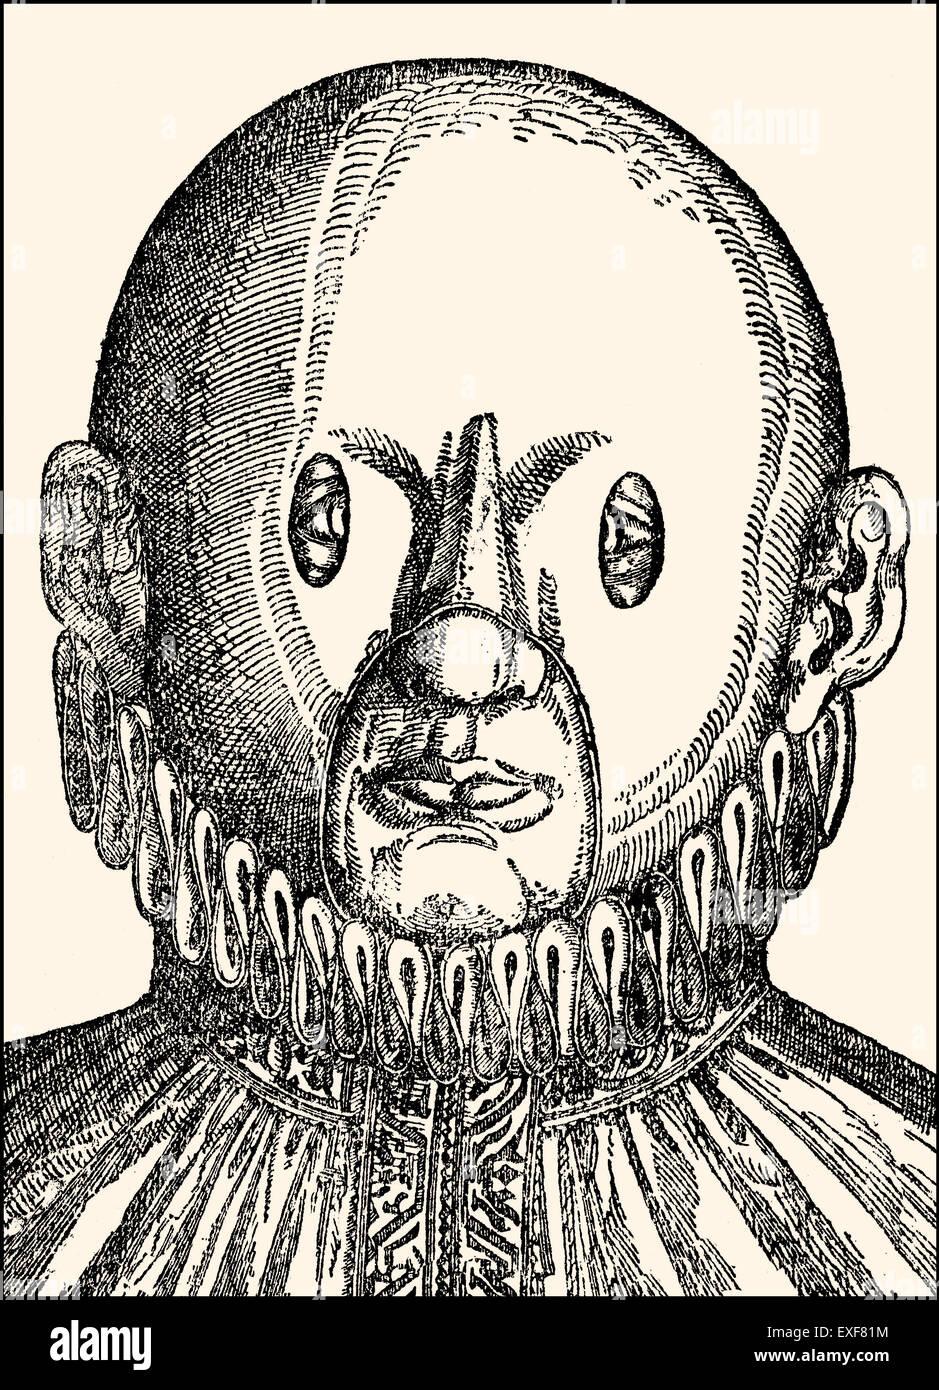 Il trattamento dell'occhio, strabismo, occhi incrociati, Georg Bartisch, Ophthalmodouleia, 1583, Immagini Stock